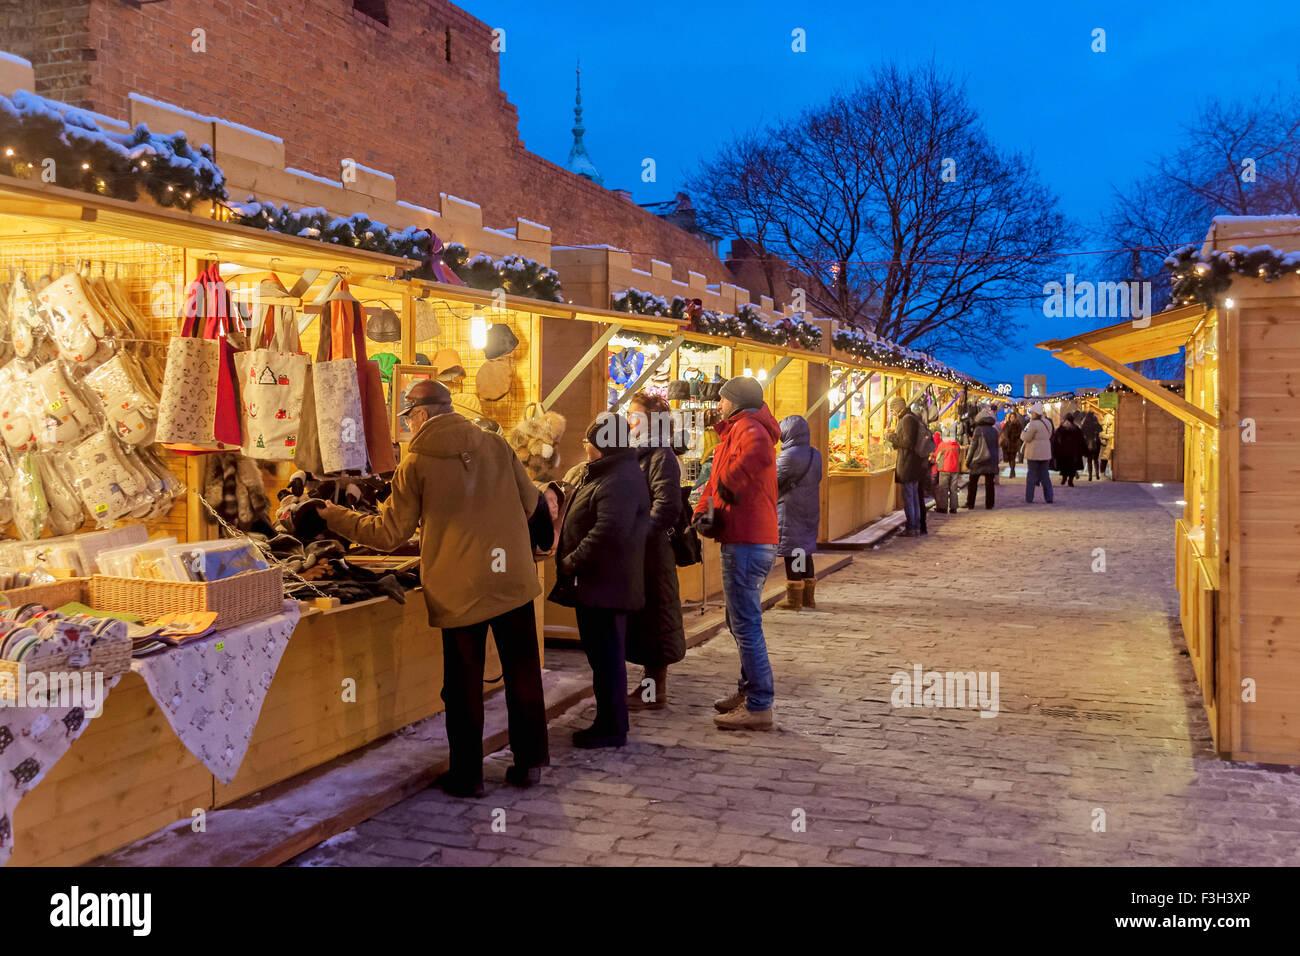 Foire de Noël au Barbican dans la vieille ville de Varsovie, Pologne Photo Stock